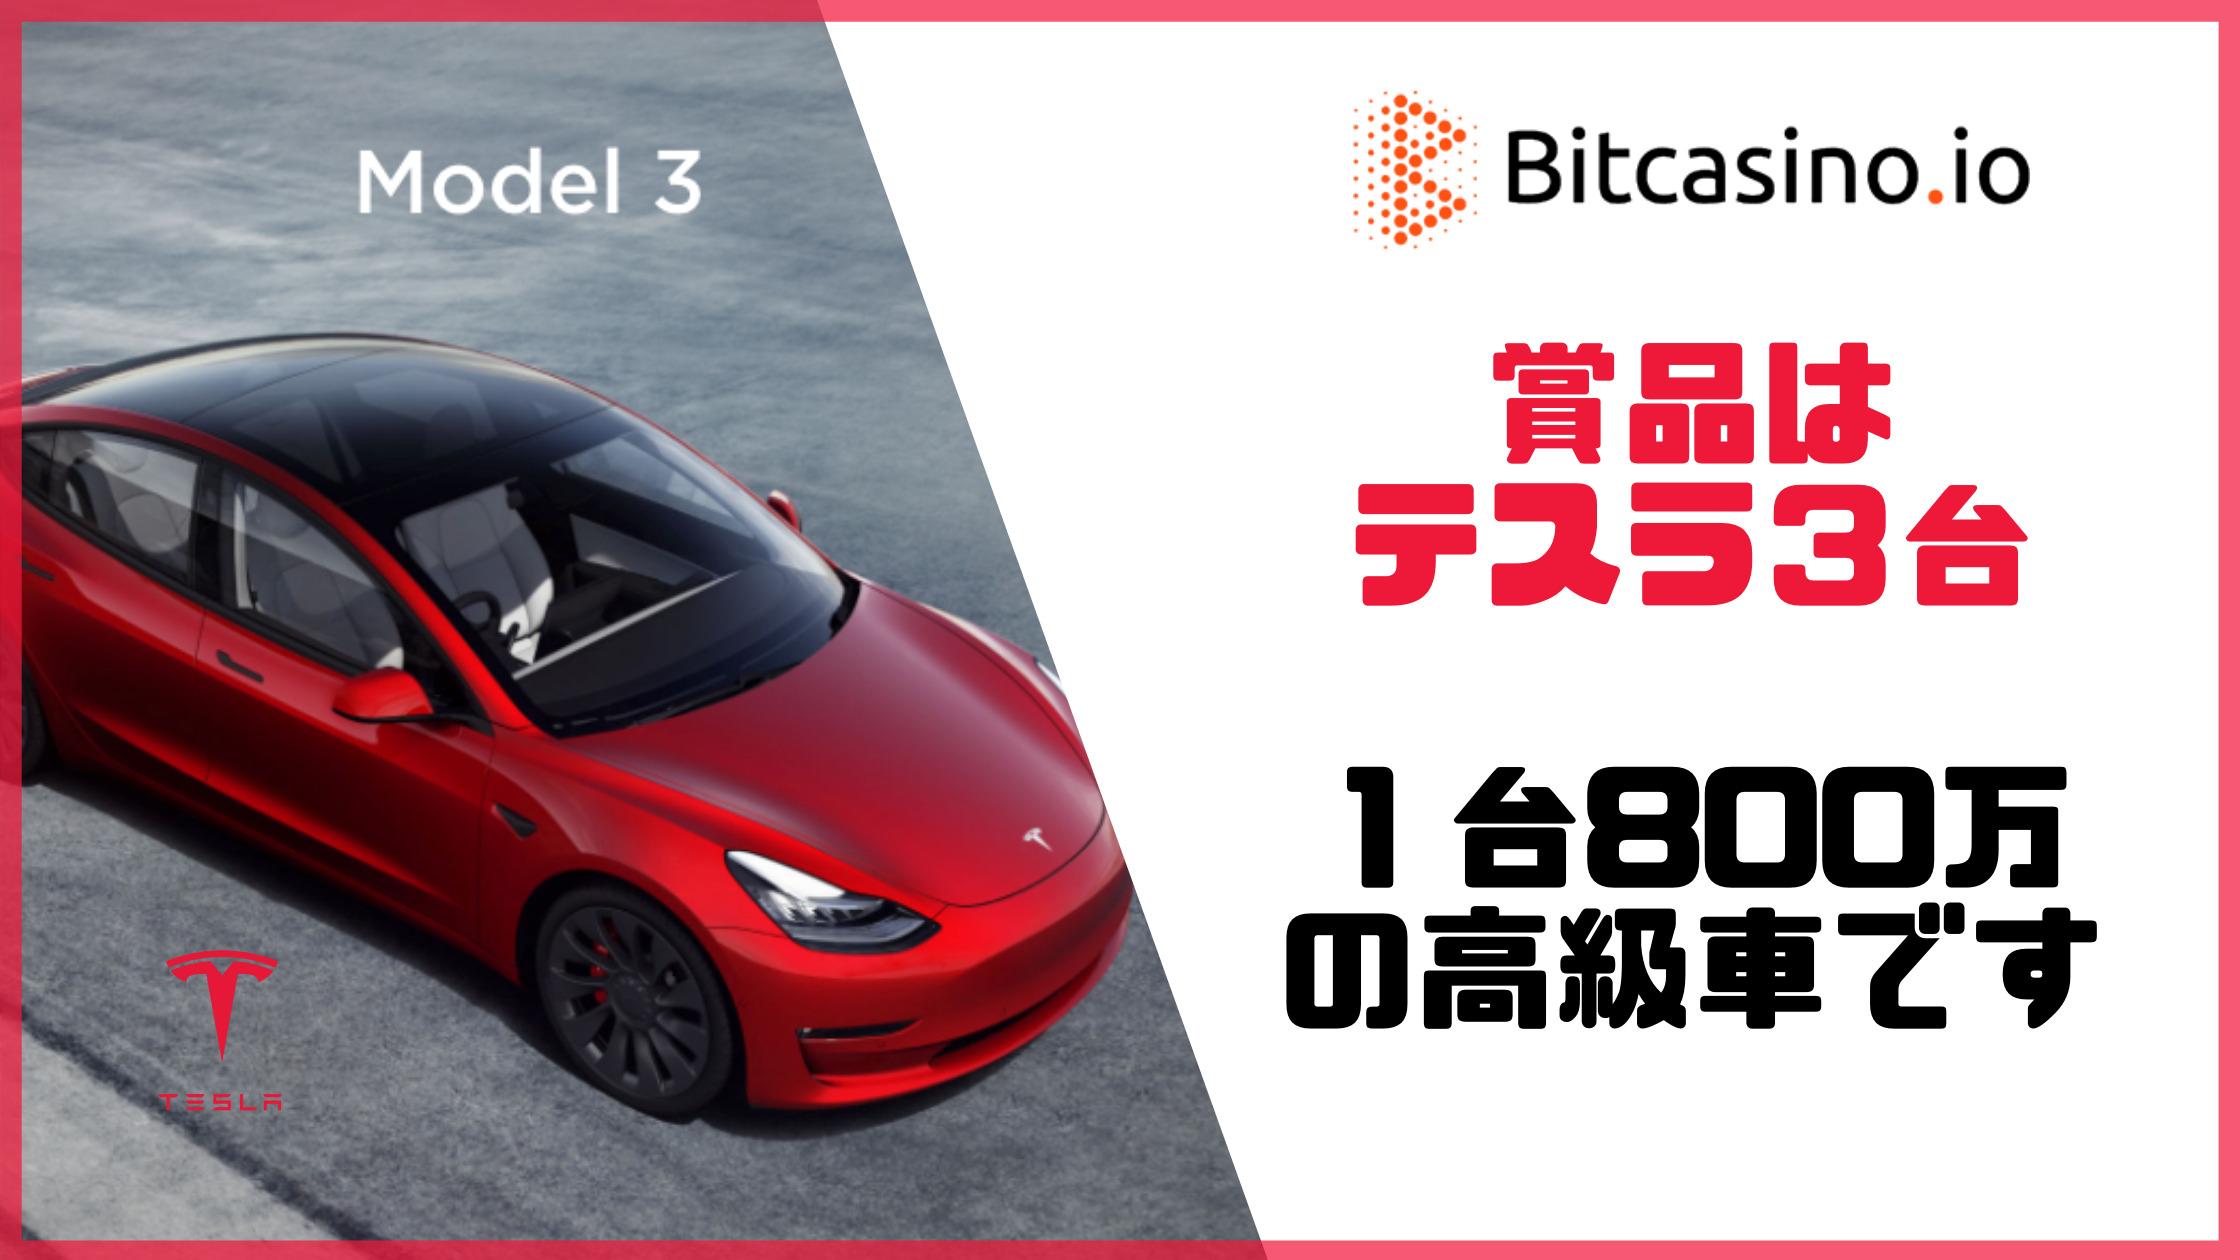 【ビットカジノ】賞品はEV自動車テスラ3台!800万円の高級車です!